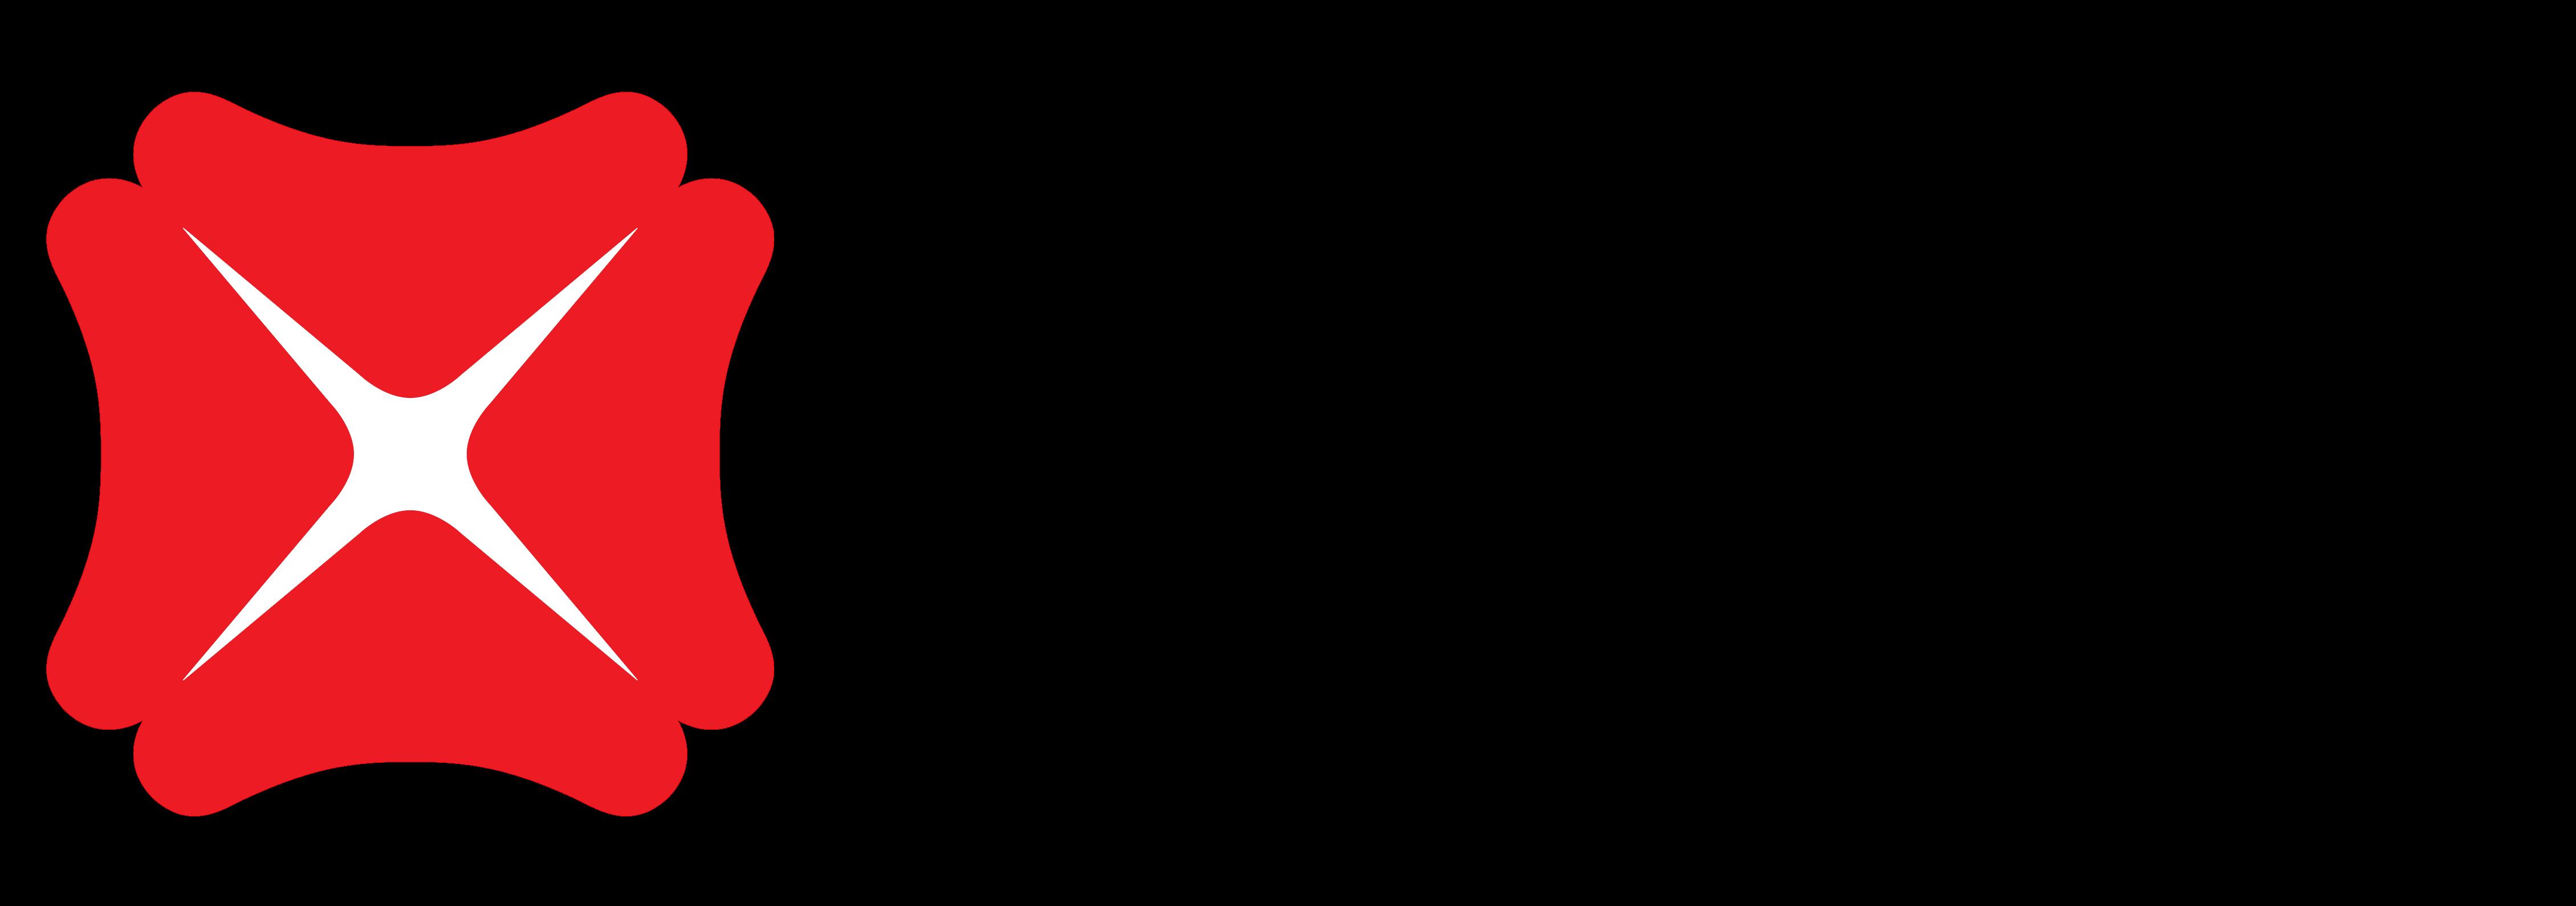 Logo Dbs PNG-PlusPNG.com-1500